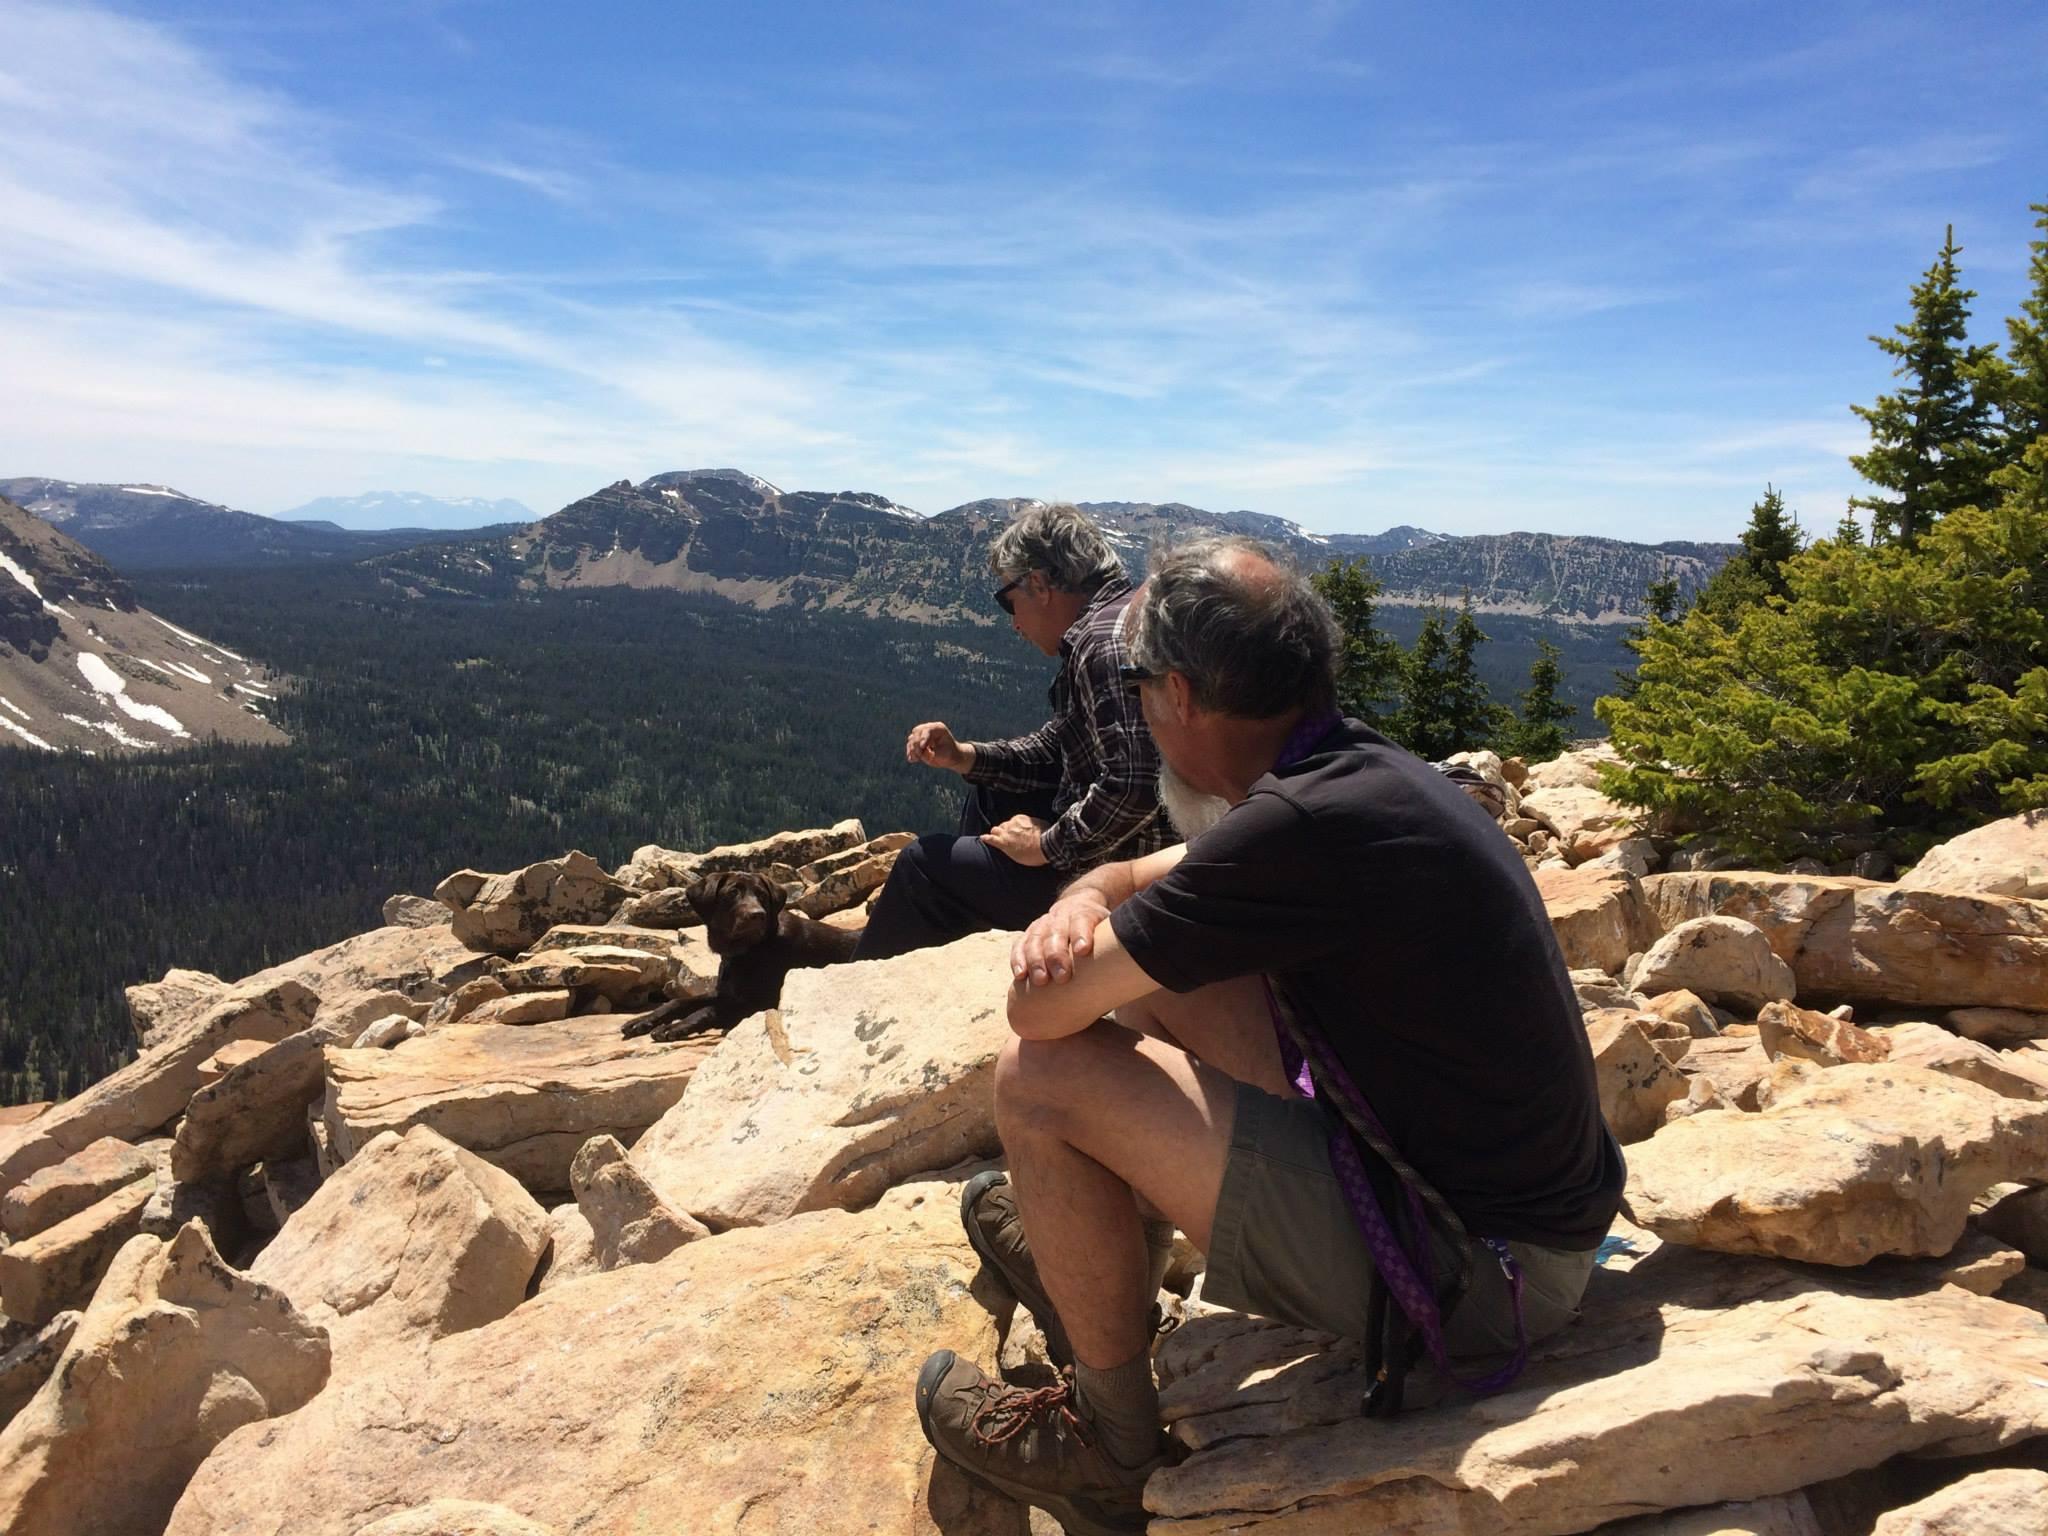 Hiking in Utah's Uinta Mountains